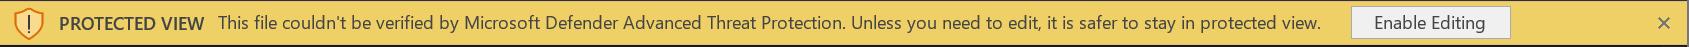 Capture d'écran de la barre d'entreprise MDATP si une erreur se produit lors de l'analyse du fichier